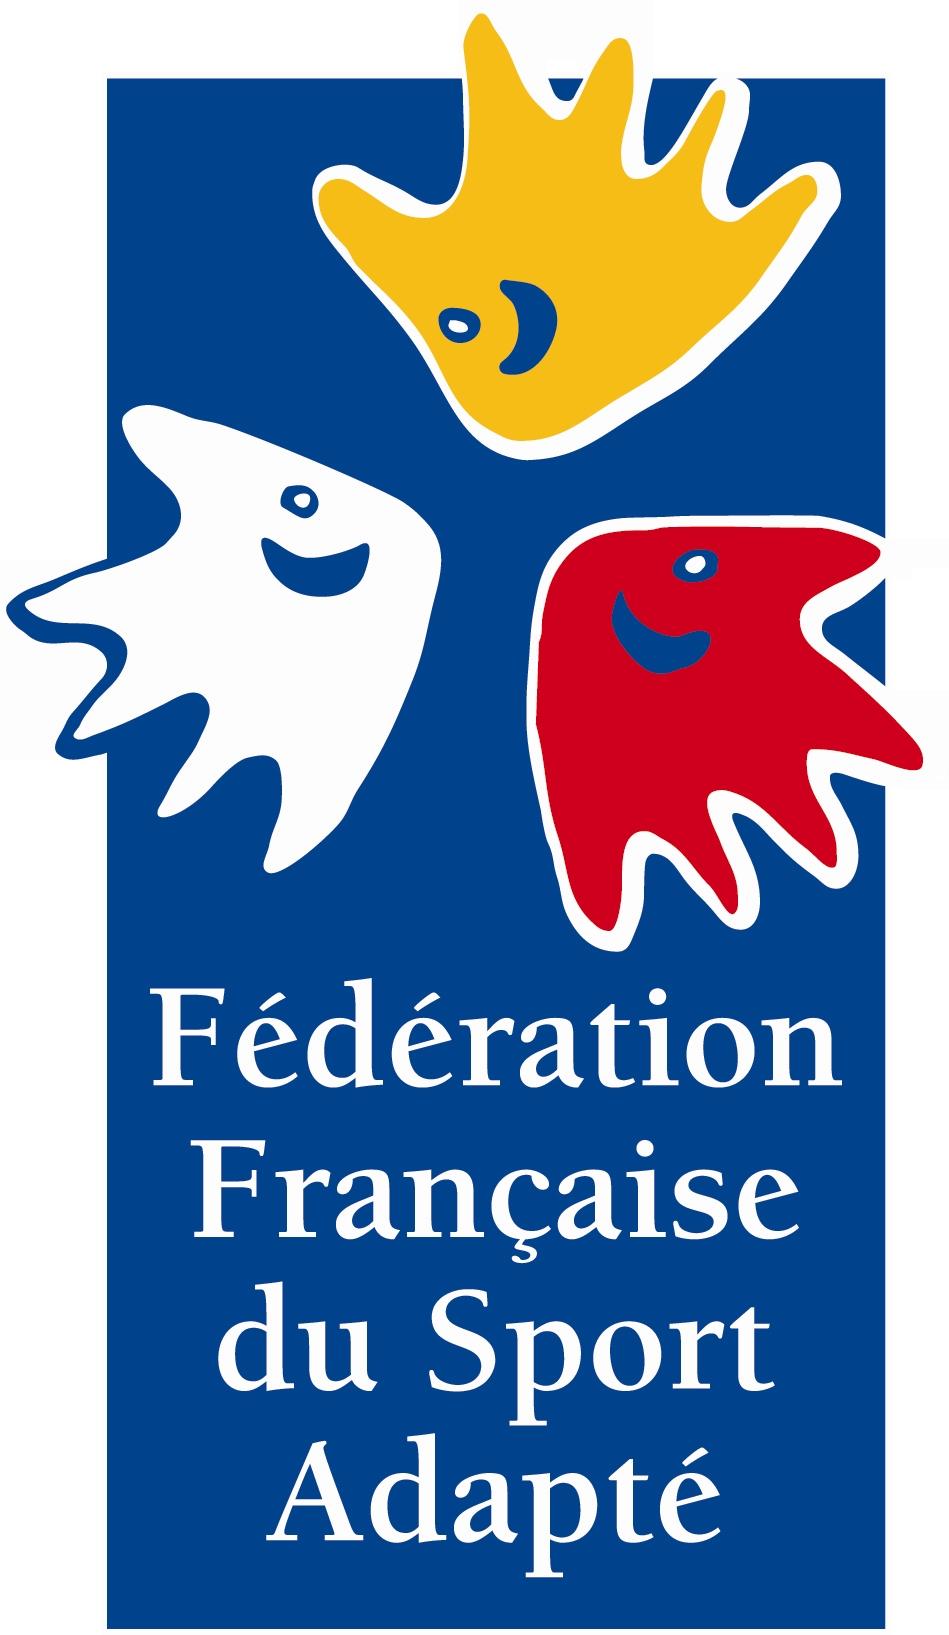 Logo ffsa hd